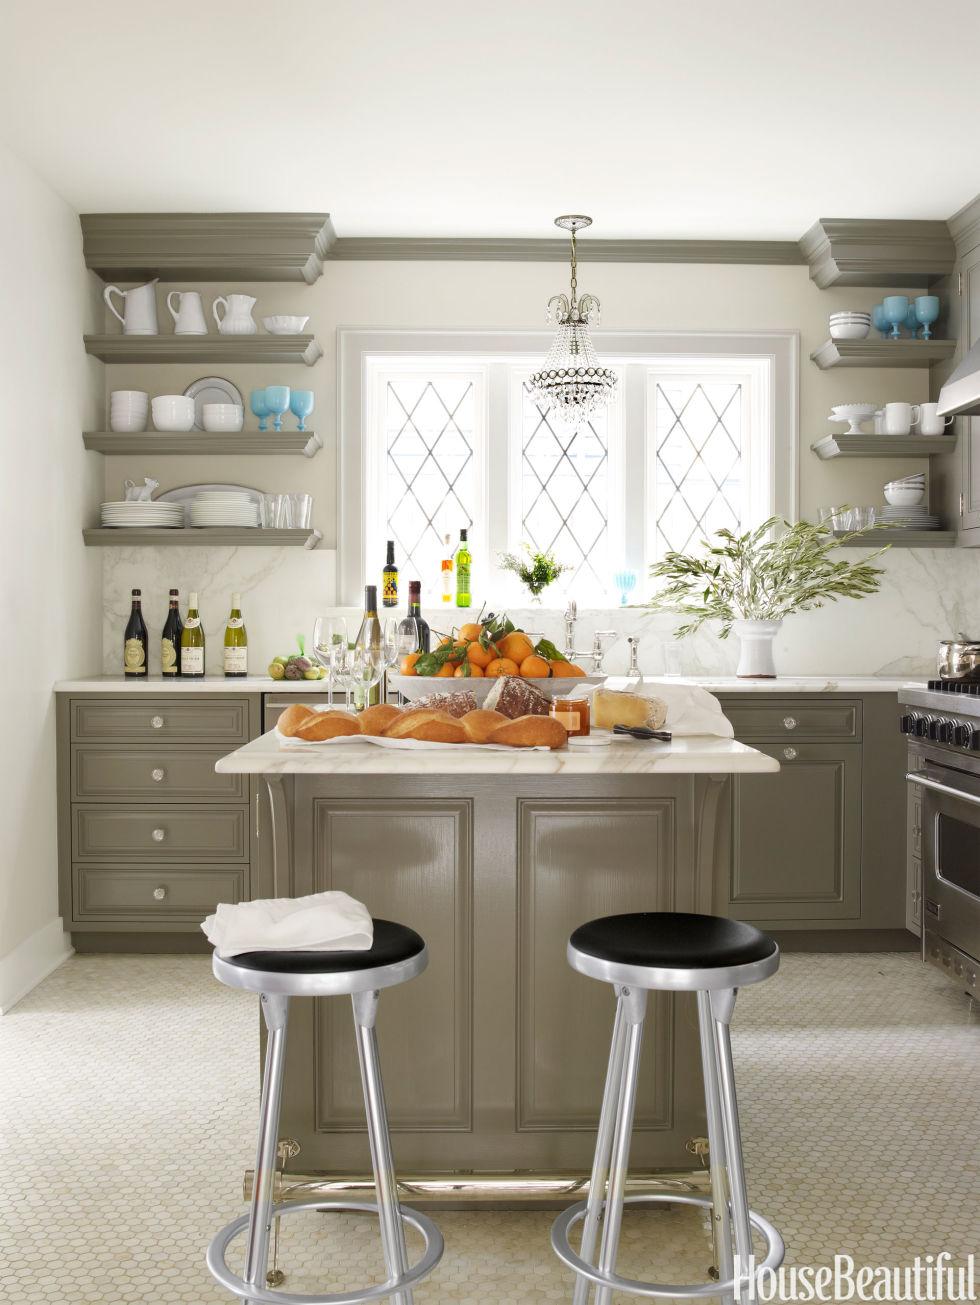 Amazing 20+ Best Kitchen Paint Colors - Ideas for Popular Kitchen Colors kitchen cabinet paint color ideas